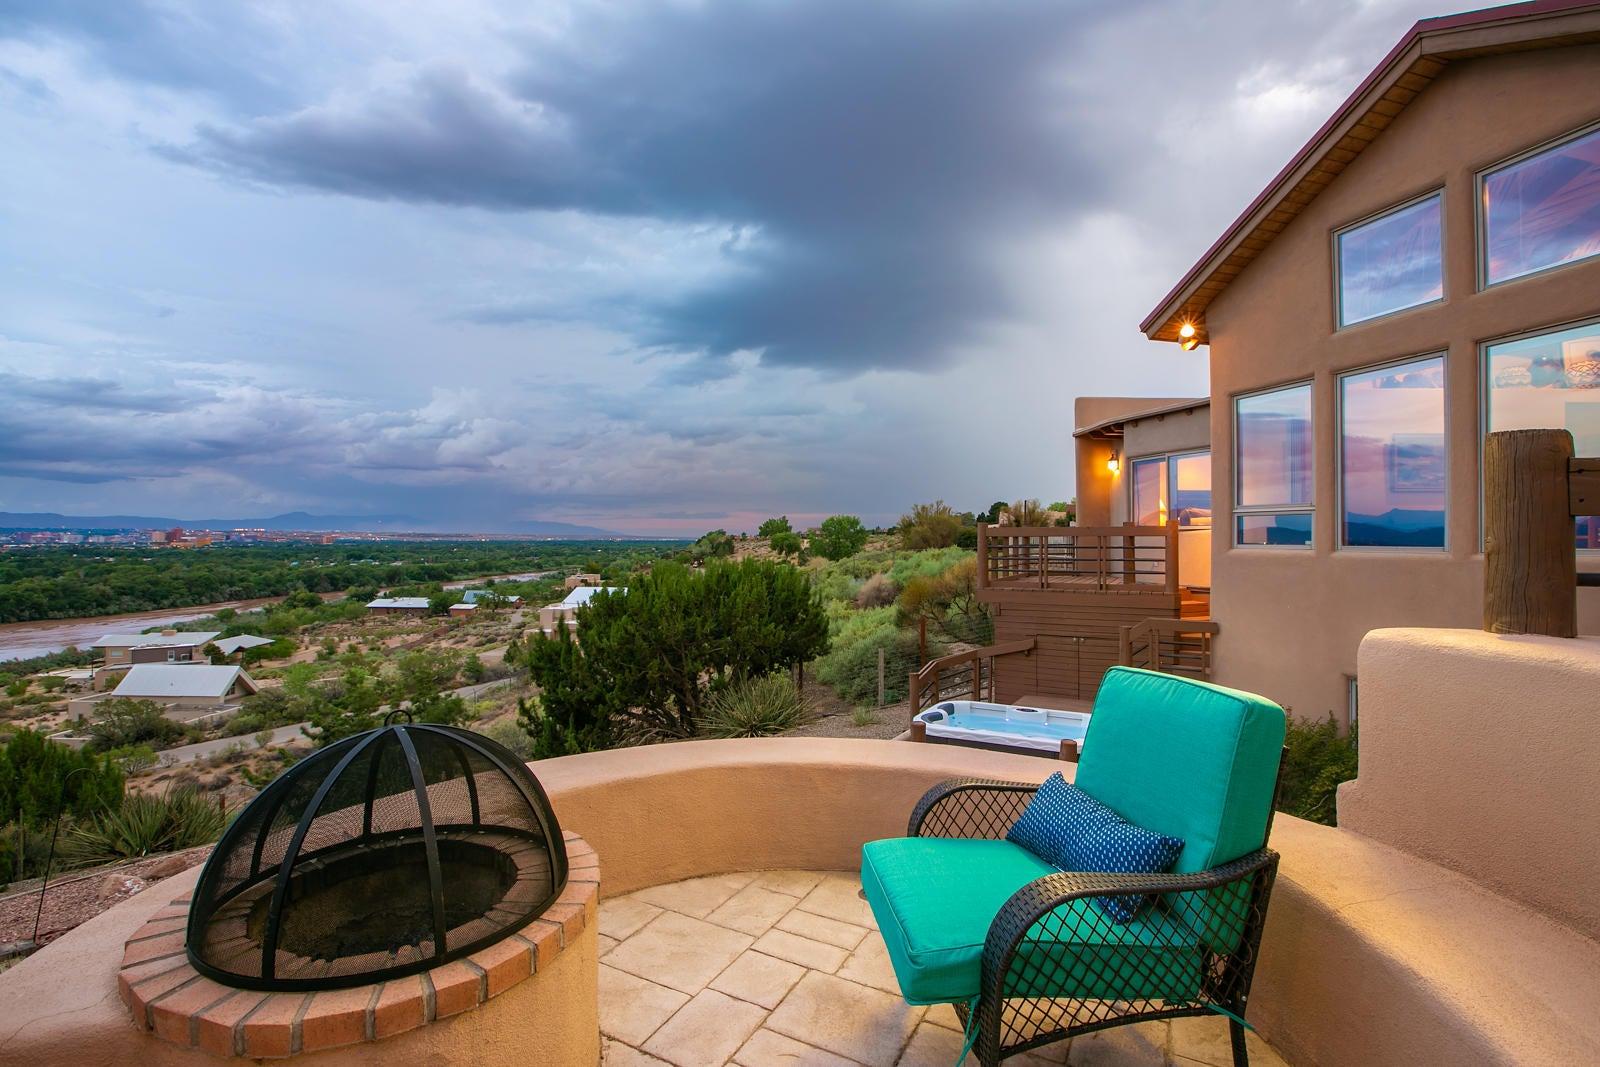 3636 Vista Grande,Albuquerque,New Mexico,United States 87120,3 Bedrooms Bedrooms,3 BathroomsBathrooms,Residential,Vista Grande,925020